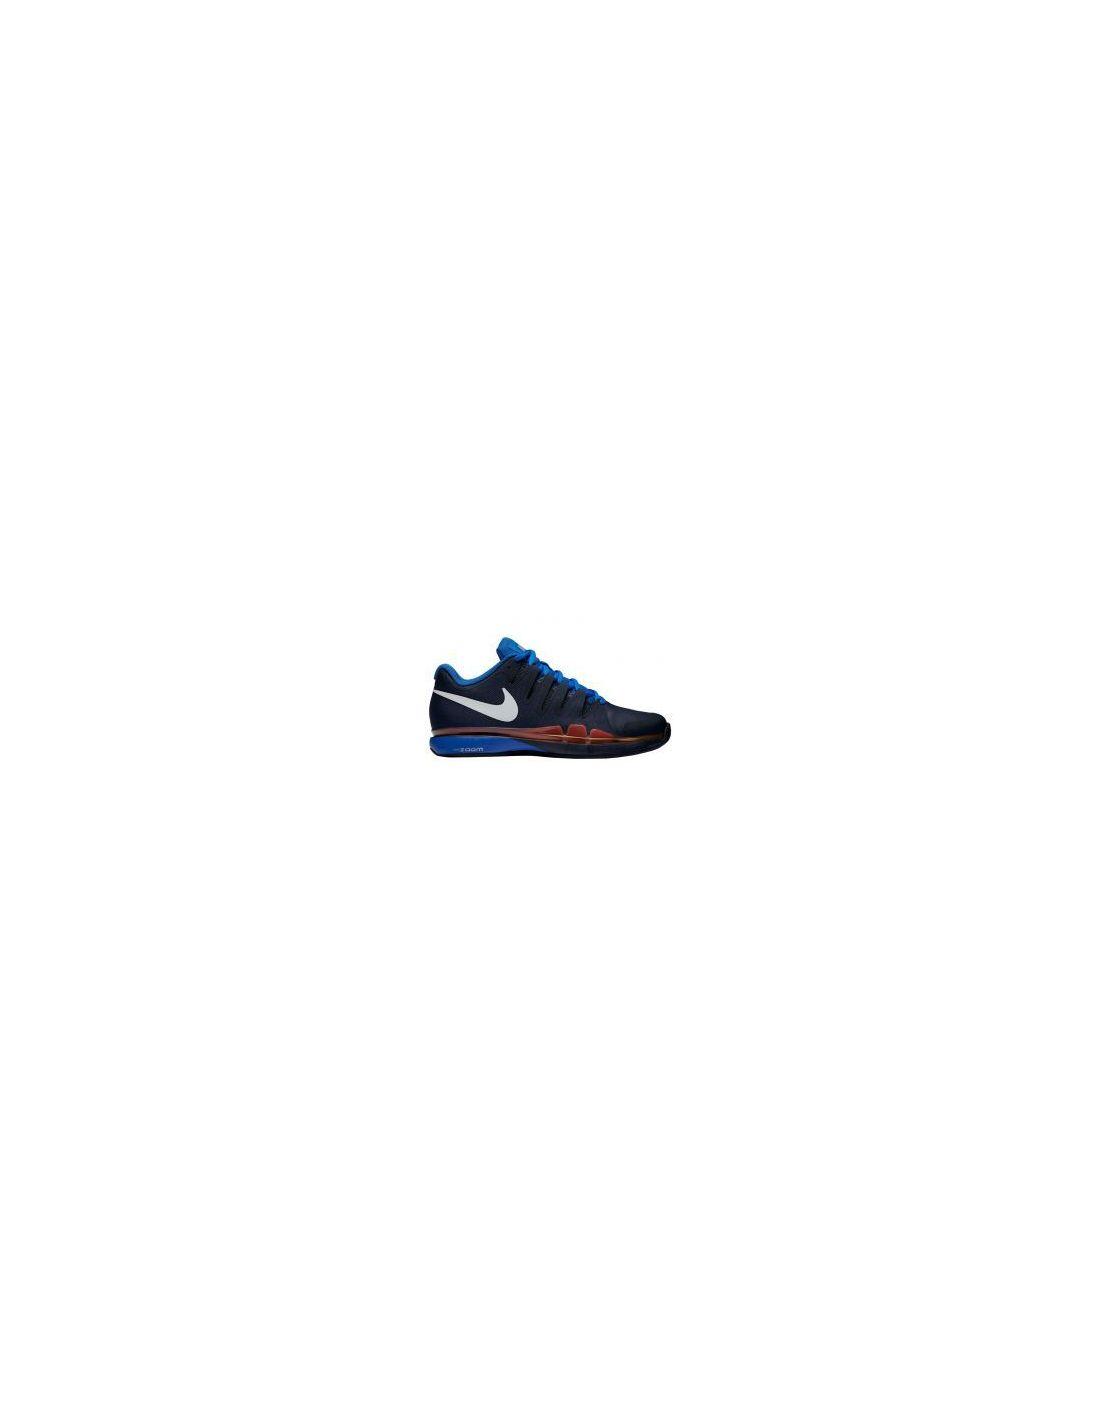 Теннисные кроссовки Nike Zoom Vapor 9.5 Tour Clay 631457-410 купить в Киеве  Украина 52d325825297e